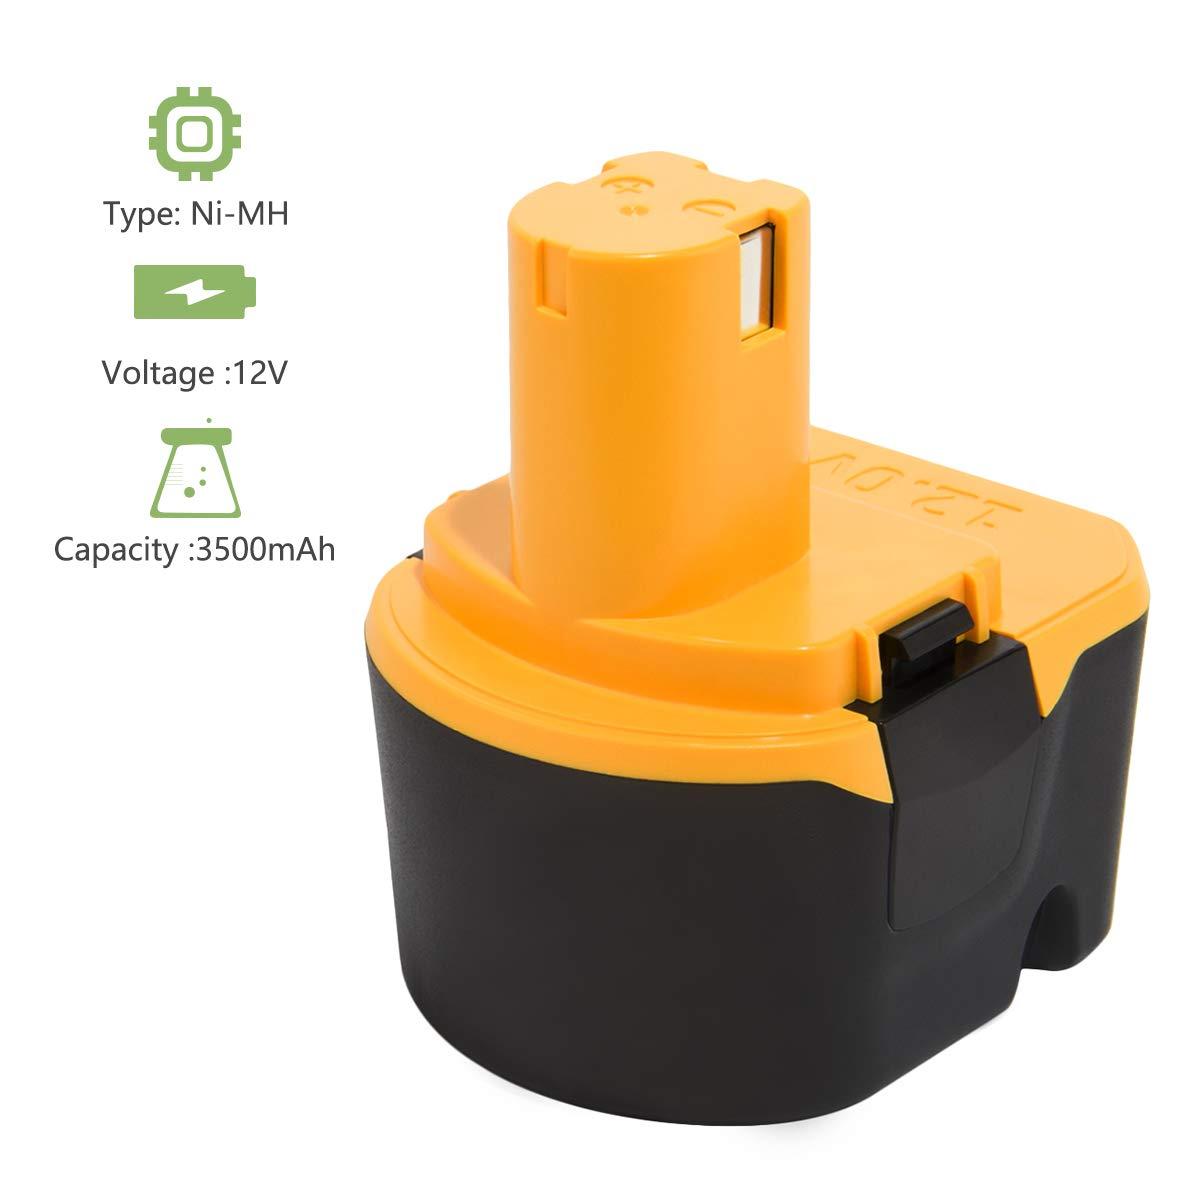 Joiry 12V 3500mAh Ni-MH Replacement Bater/ía para Ryobi 1400143 1400652 1400670 4400005 B-8286 BPT1025 RY-1204